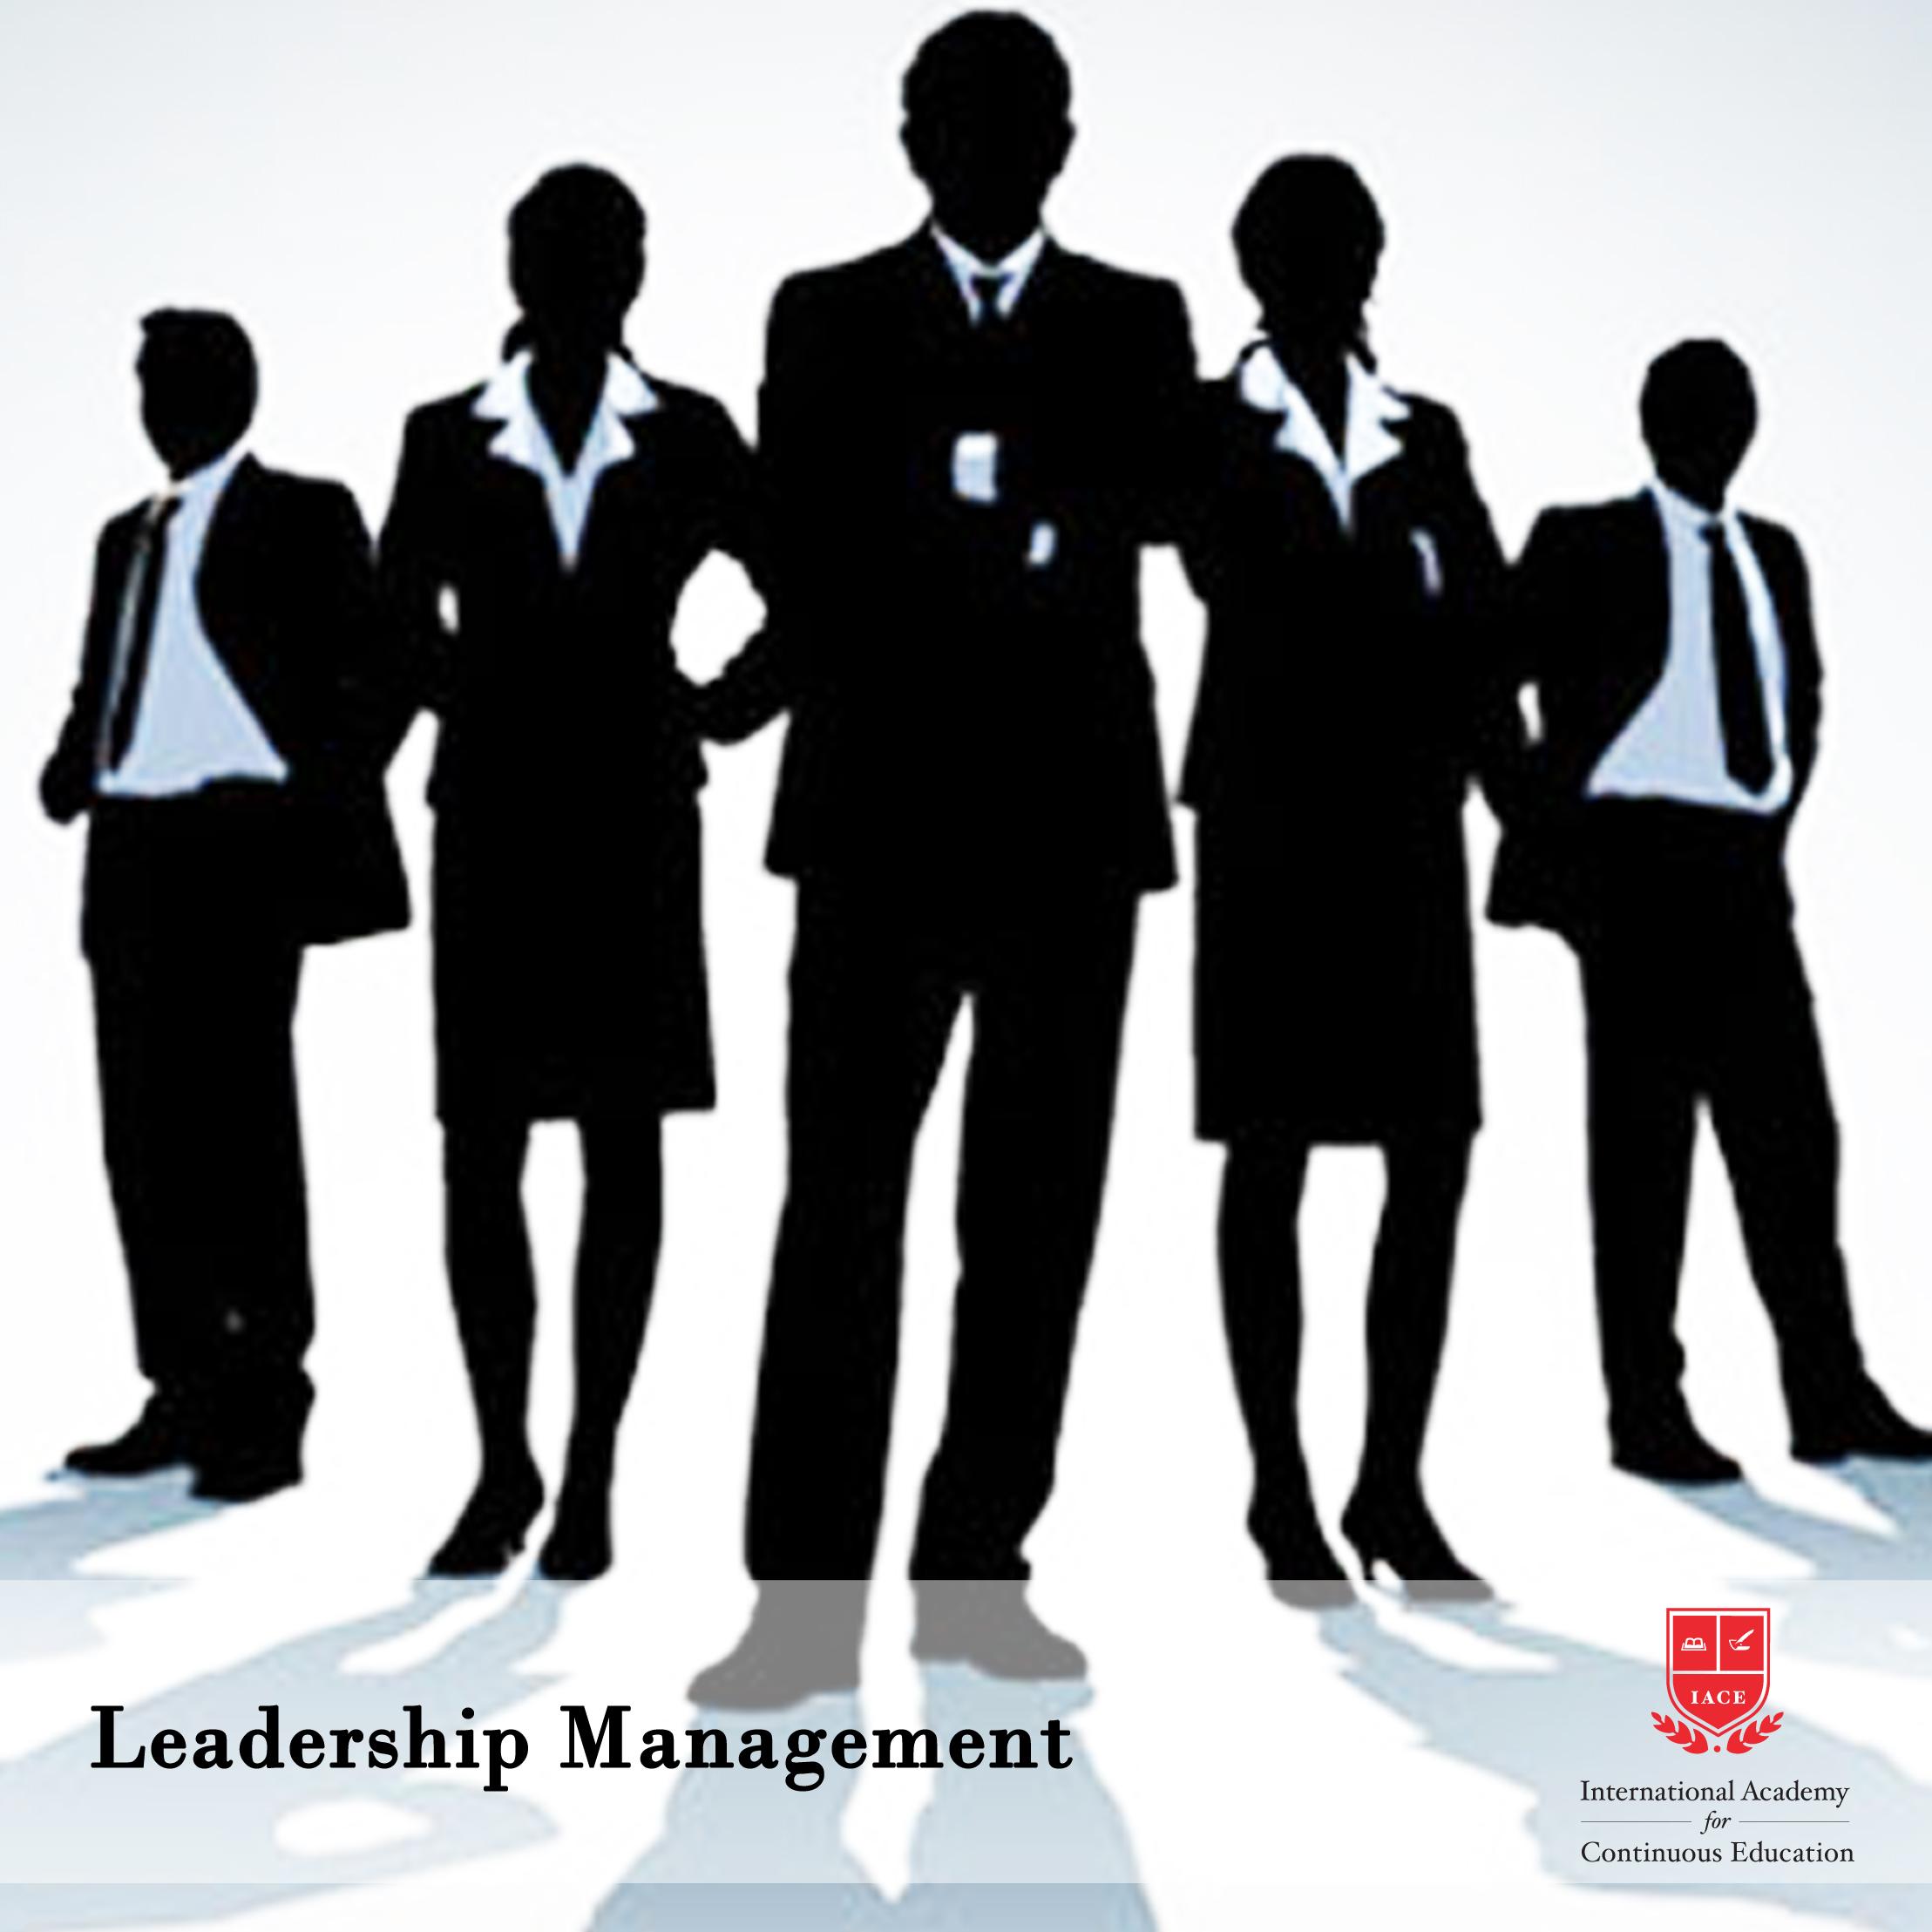 leadershipmanagement